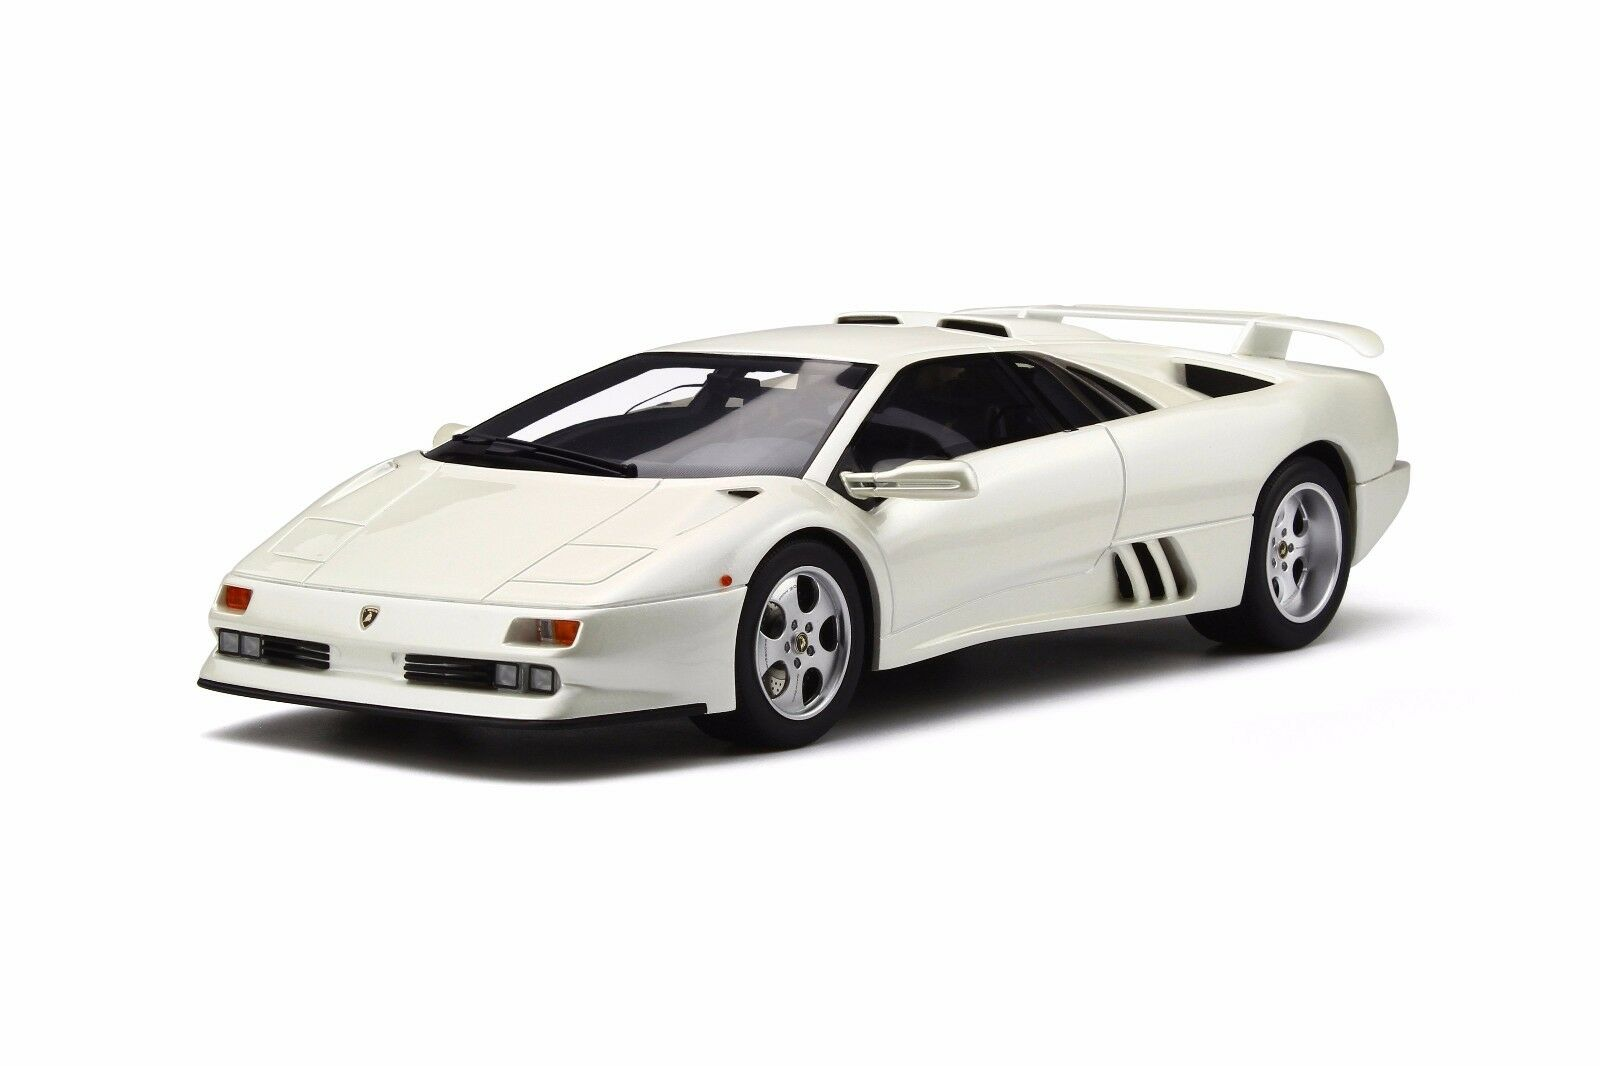 Lamborghini Diablo jota se30  nuevo  gt Spirit gts18501w  1 18